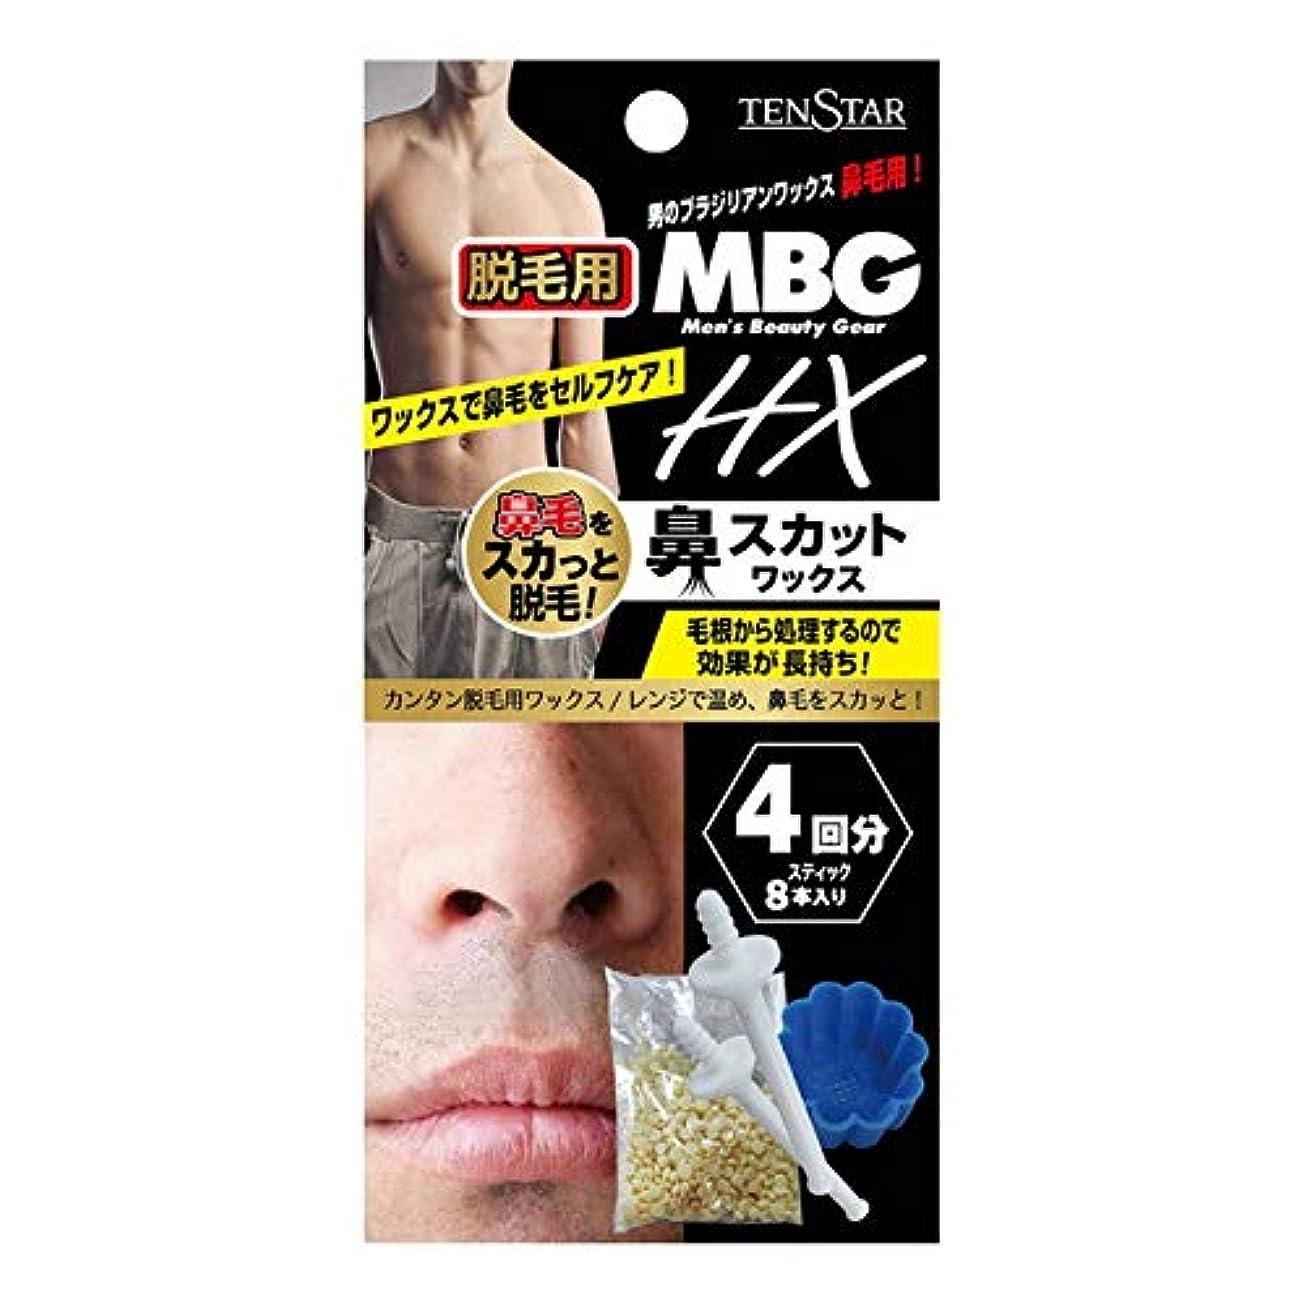 毛布ミニチュア不合格MBG2-29 MBG HX鼻スカットワックス 20g